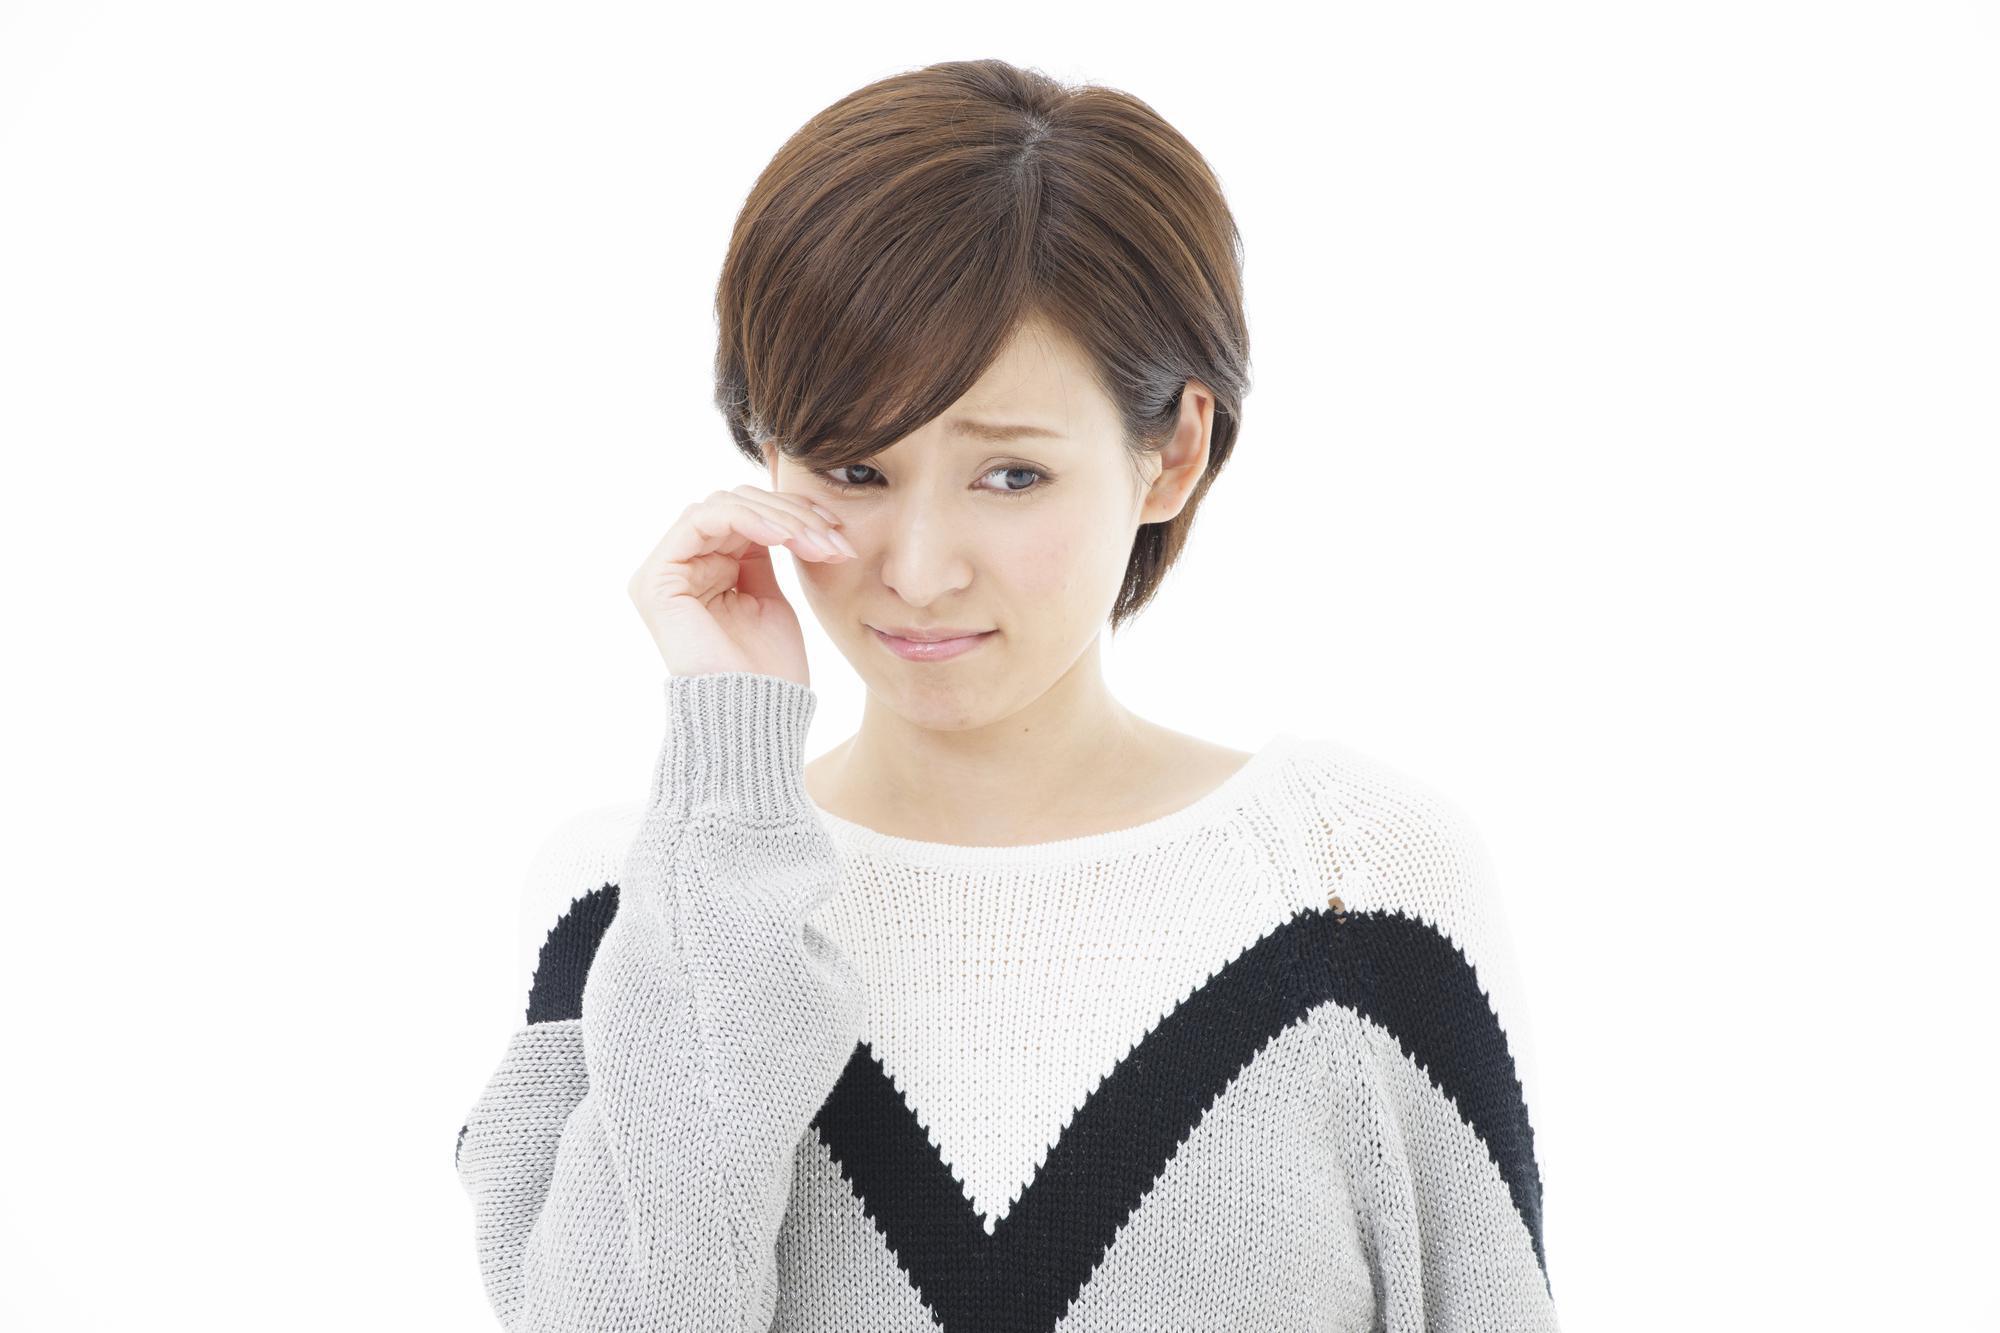 矯正のストレスは怖くない!その具体例や軽減する対策を知ろう!